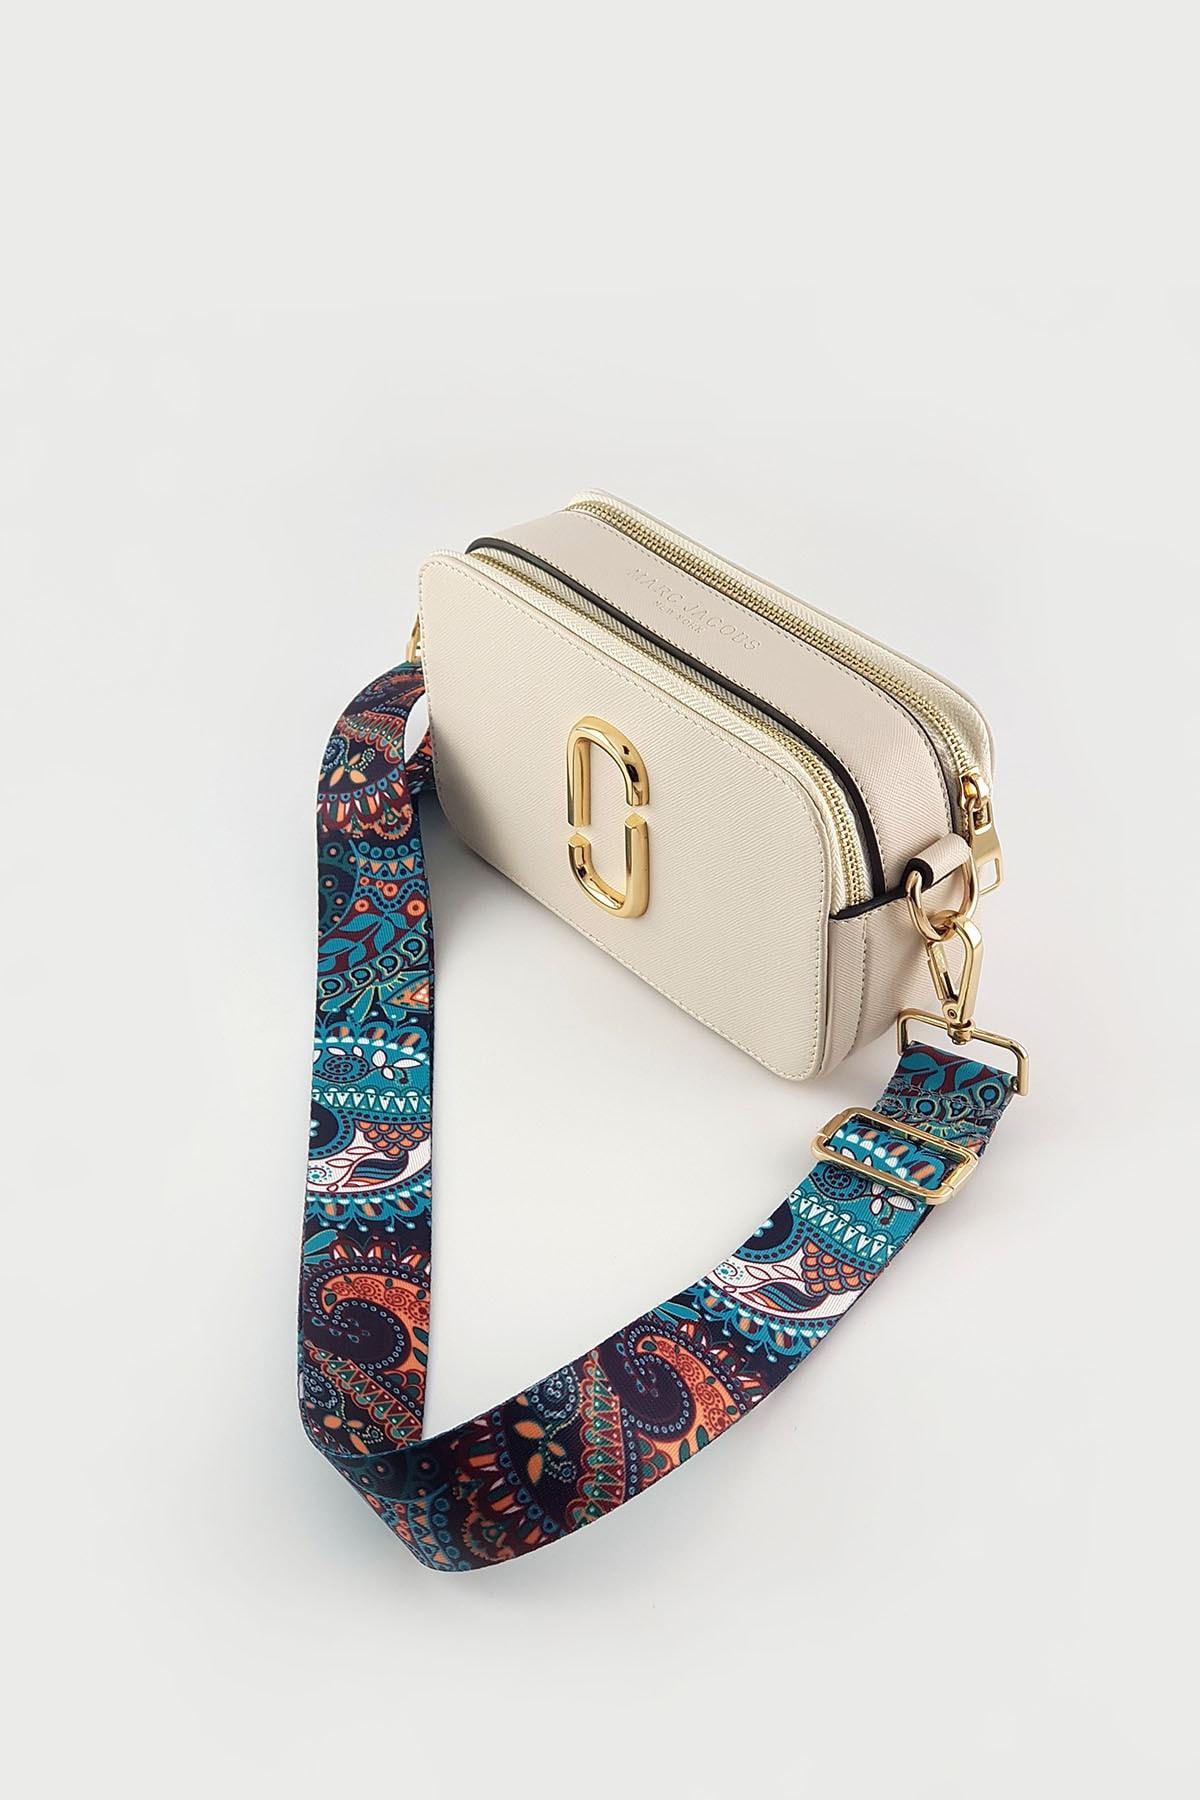 FAEN Medine Şal Desenli Çanta Askısı Gold 2